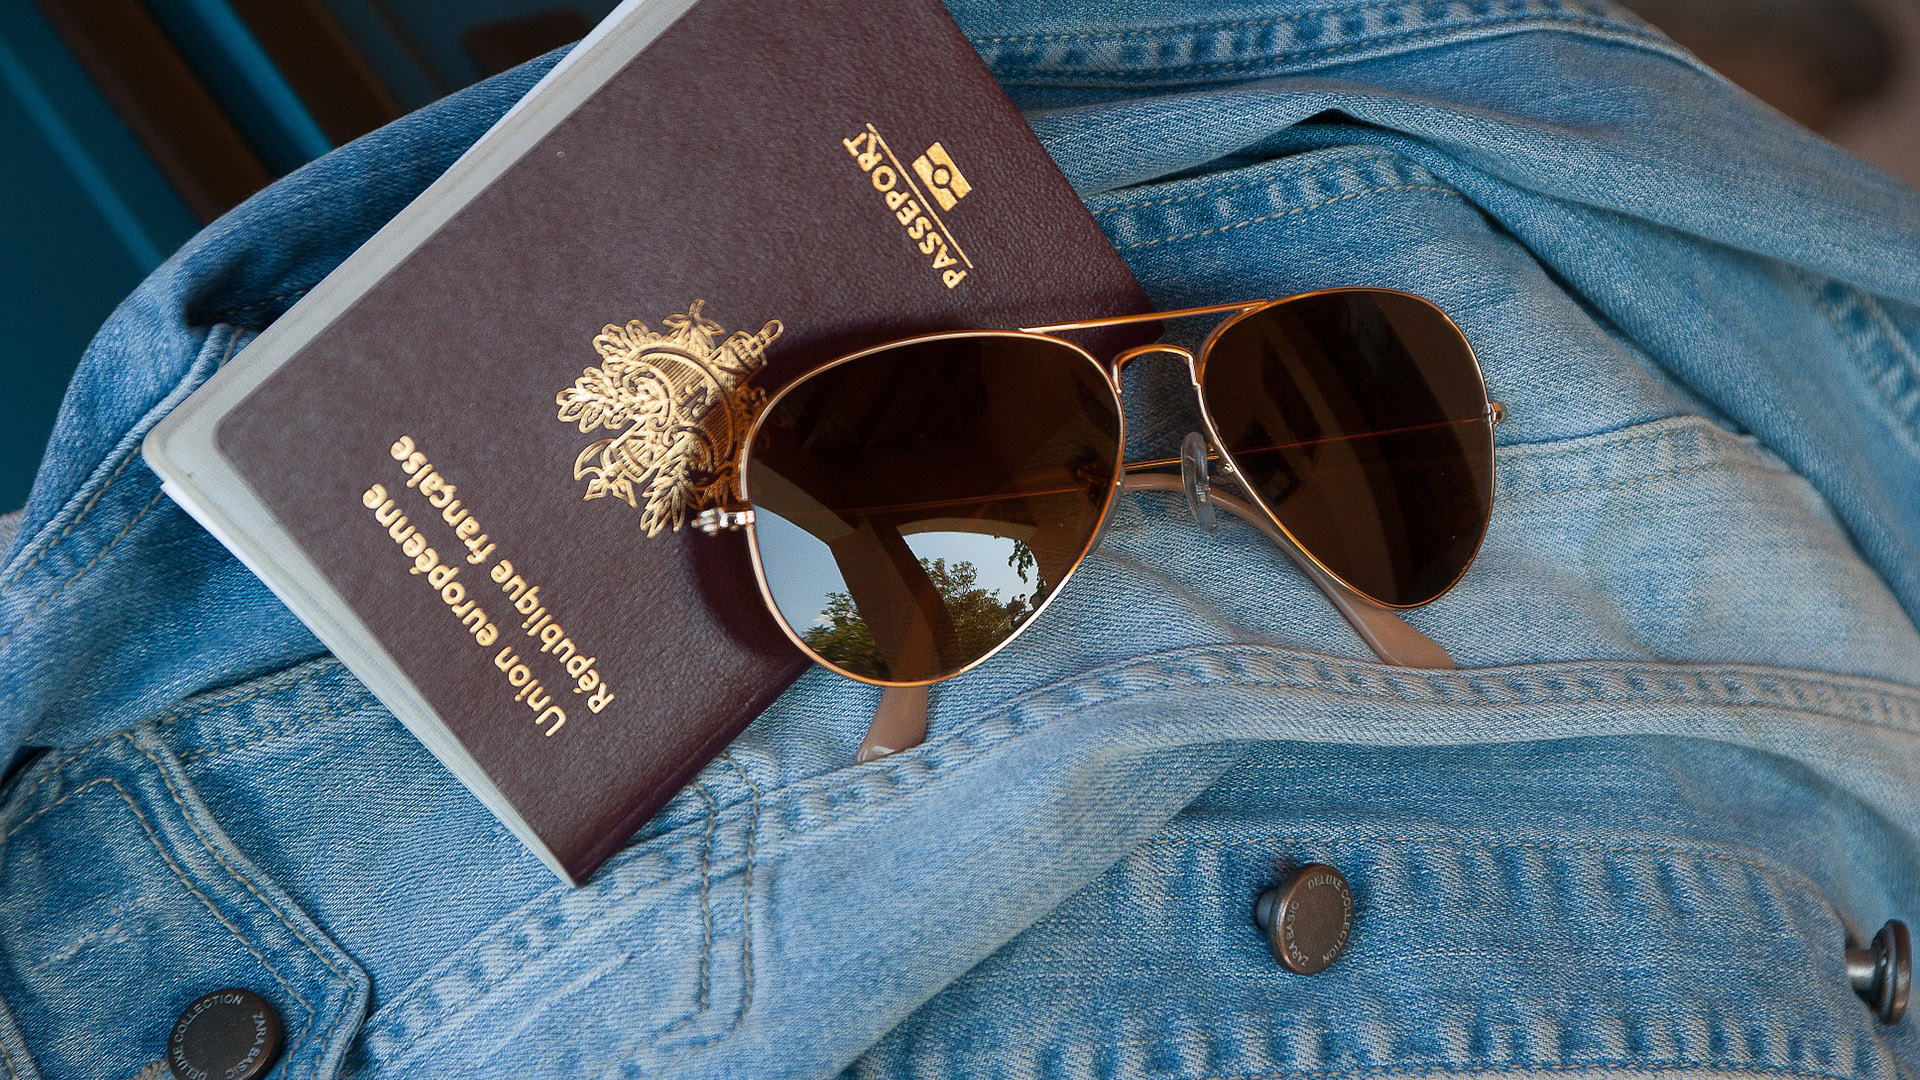 Passaporte é o documento mais importante para que faz viagens ao exterior. Ele mostra de onde você veio e por onde você já passou.